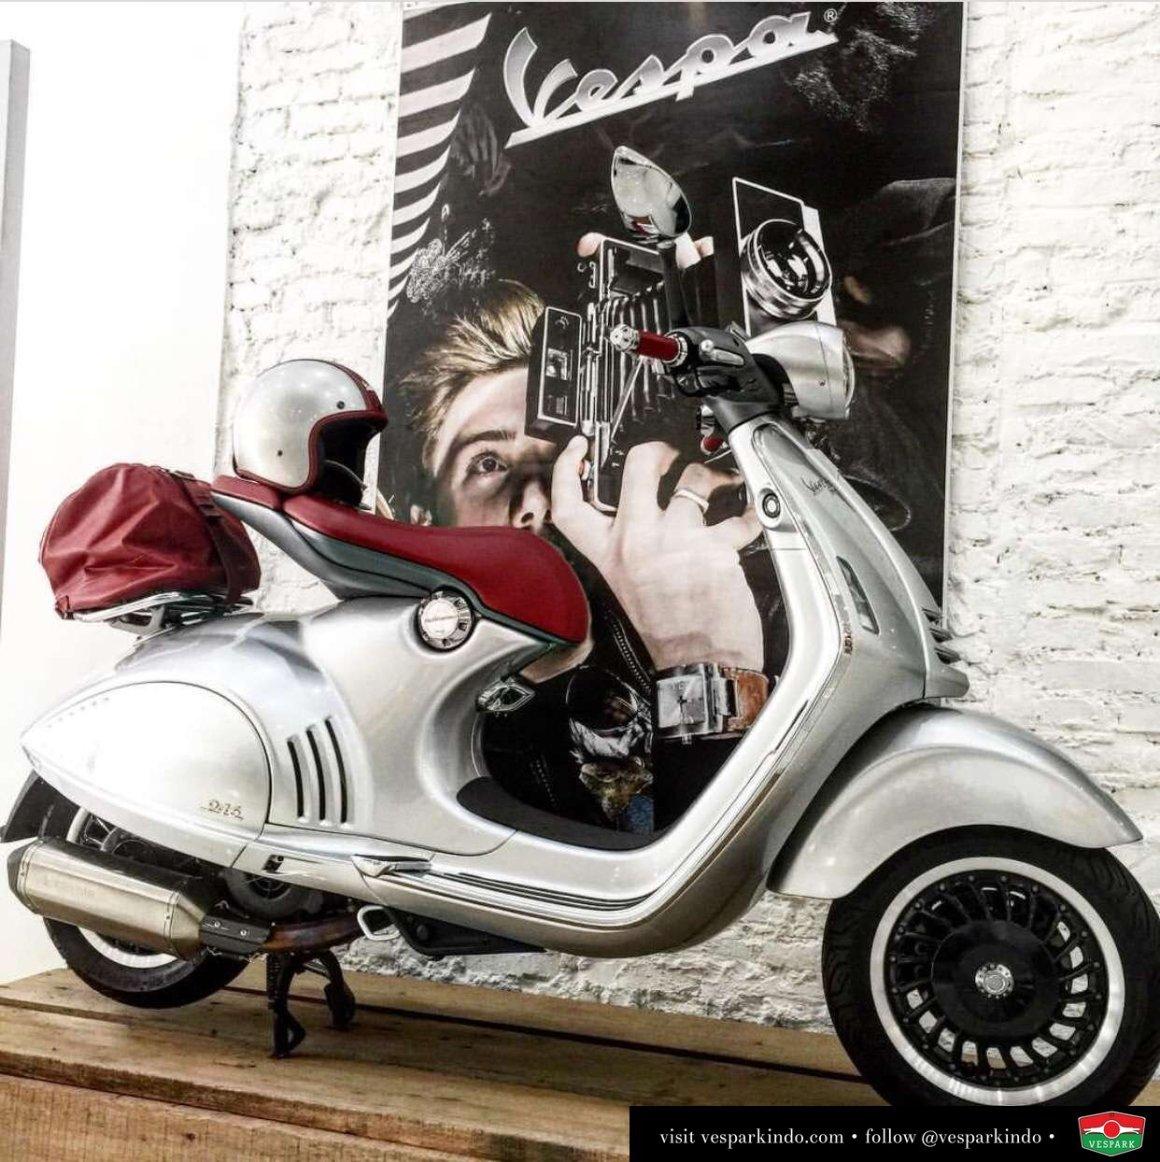 Vespa Gts 300 Super Sport Grey Otr Jakarta Daftar Harga Terbaru Lx 125 I Get Rosso Dragon Depok Lihat Piaggio Baru 2018 Atau Off The Road Untuk Pembelian Luar